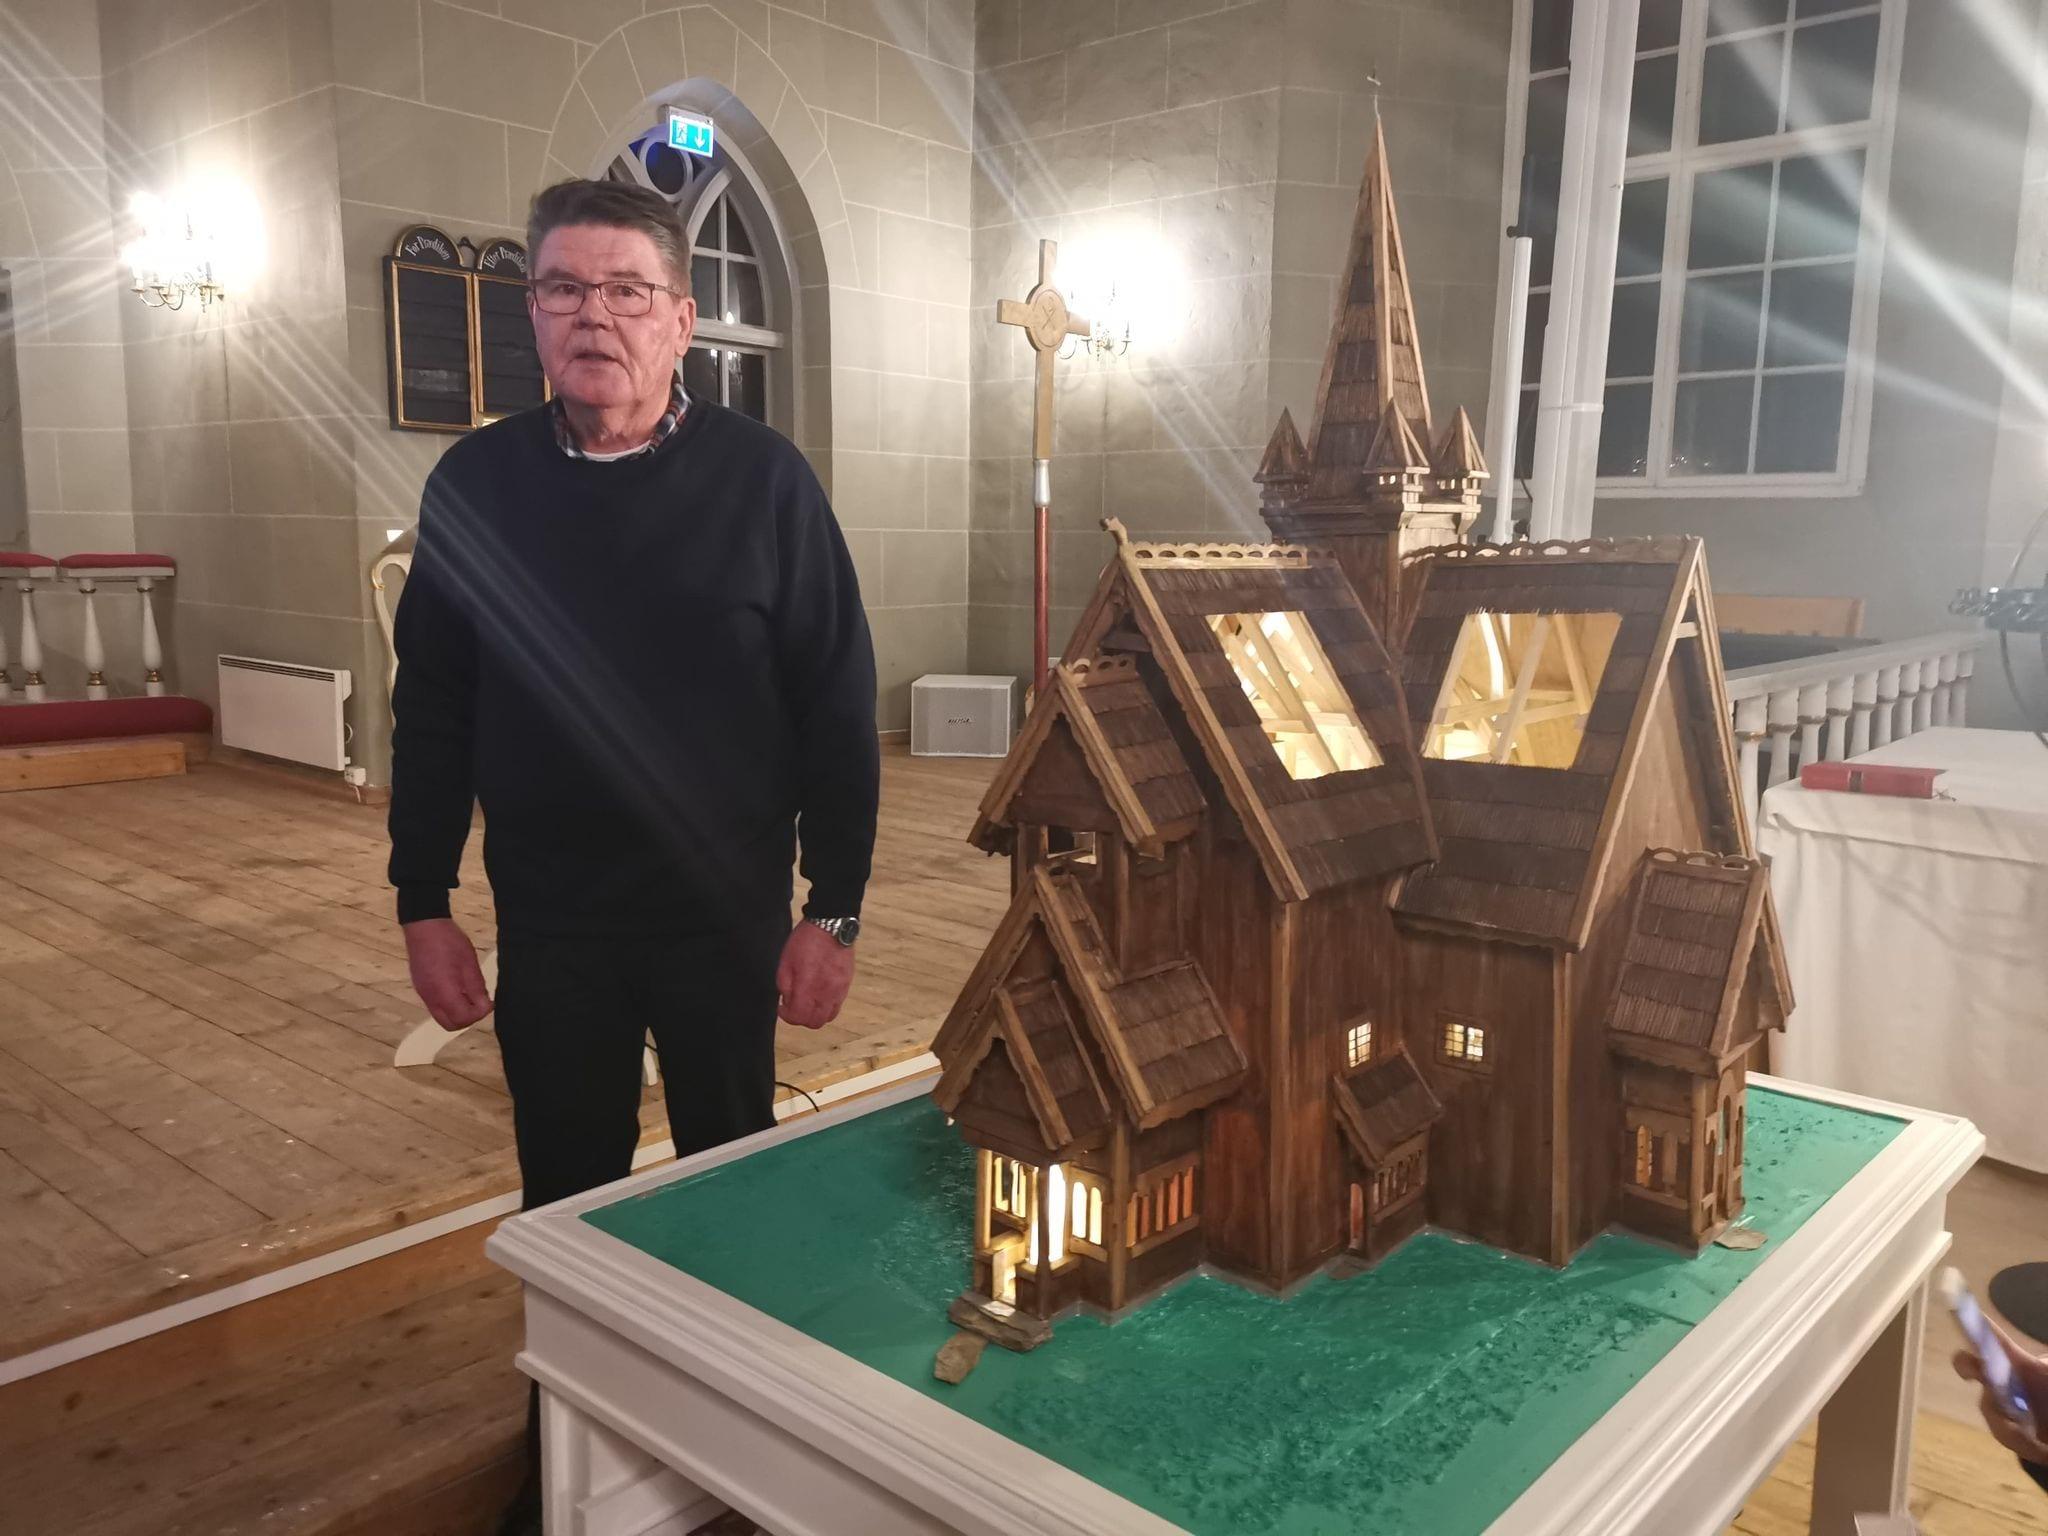 SLIK SÅ DEN UT: Ole Reidar Mellem har bygget en modell av gamle Grue kirke slik den så ut før kirkebrannen i 1822. Kirken var en stavkirke fra 1200-tallet. Modellen har han gitt til Grue menighet.